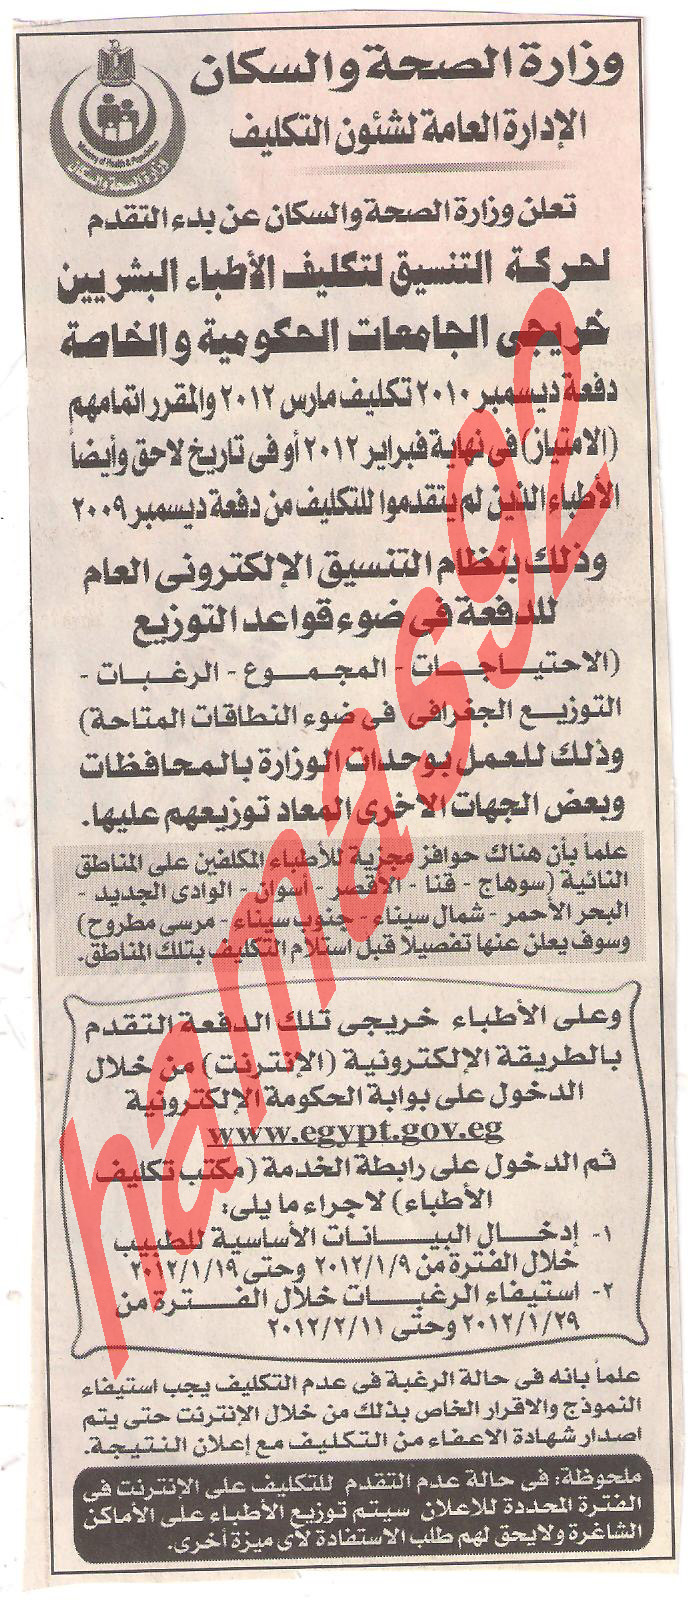 اعلان تكليف اطباء دفعة ديسمبر 2010 والمتخلفين عن التقديم من دفعة 2009 Picture+002